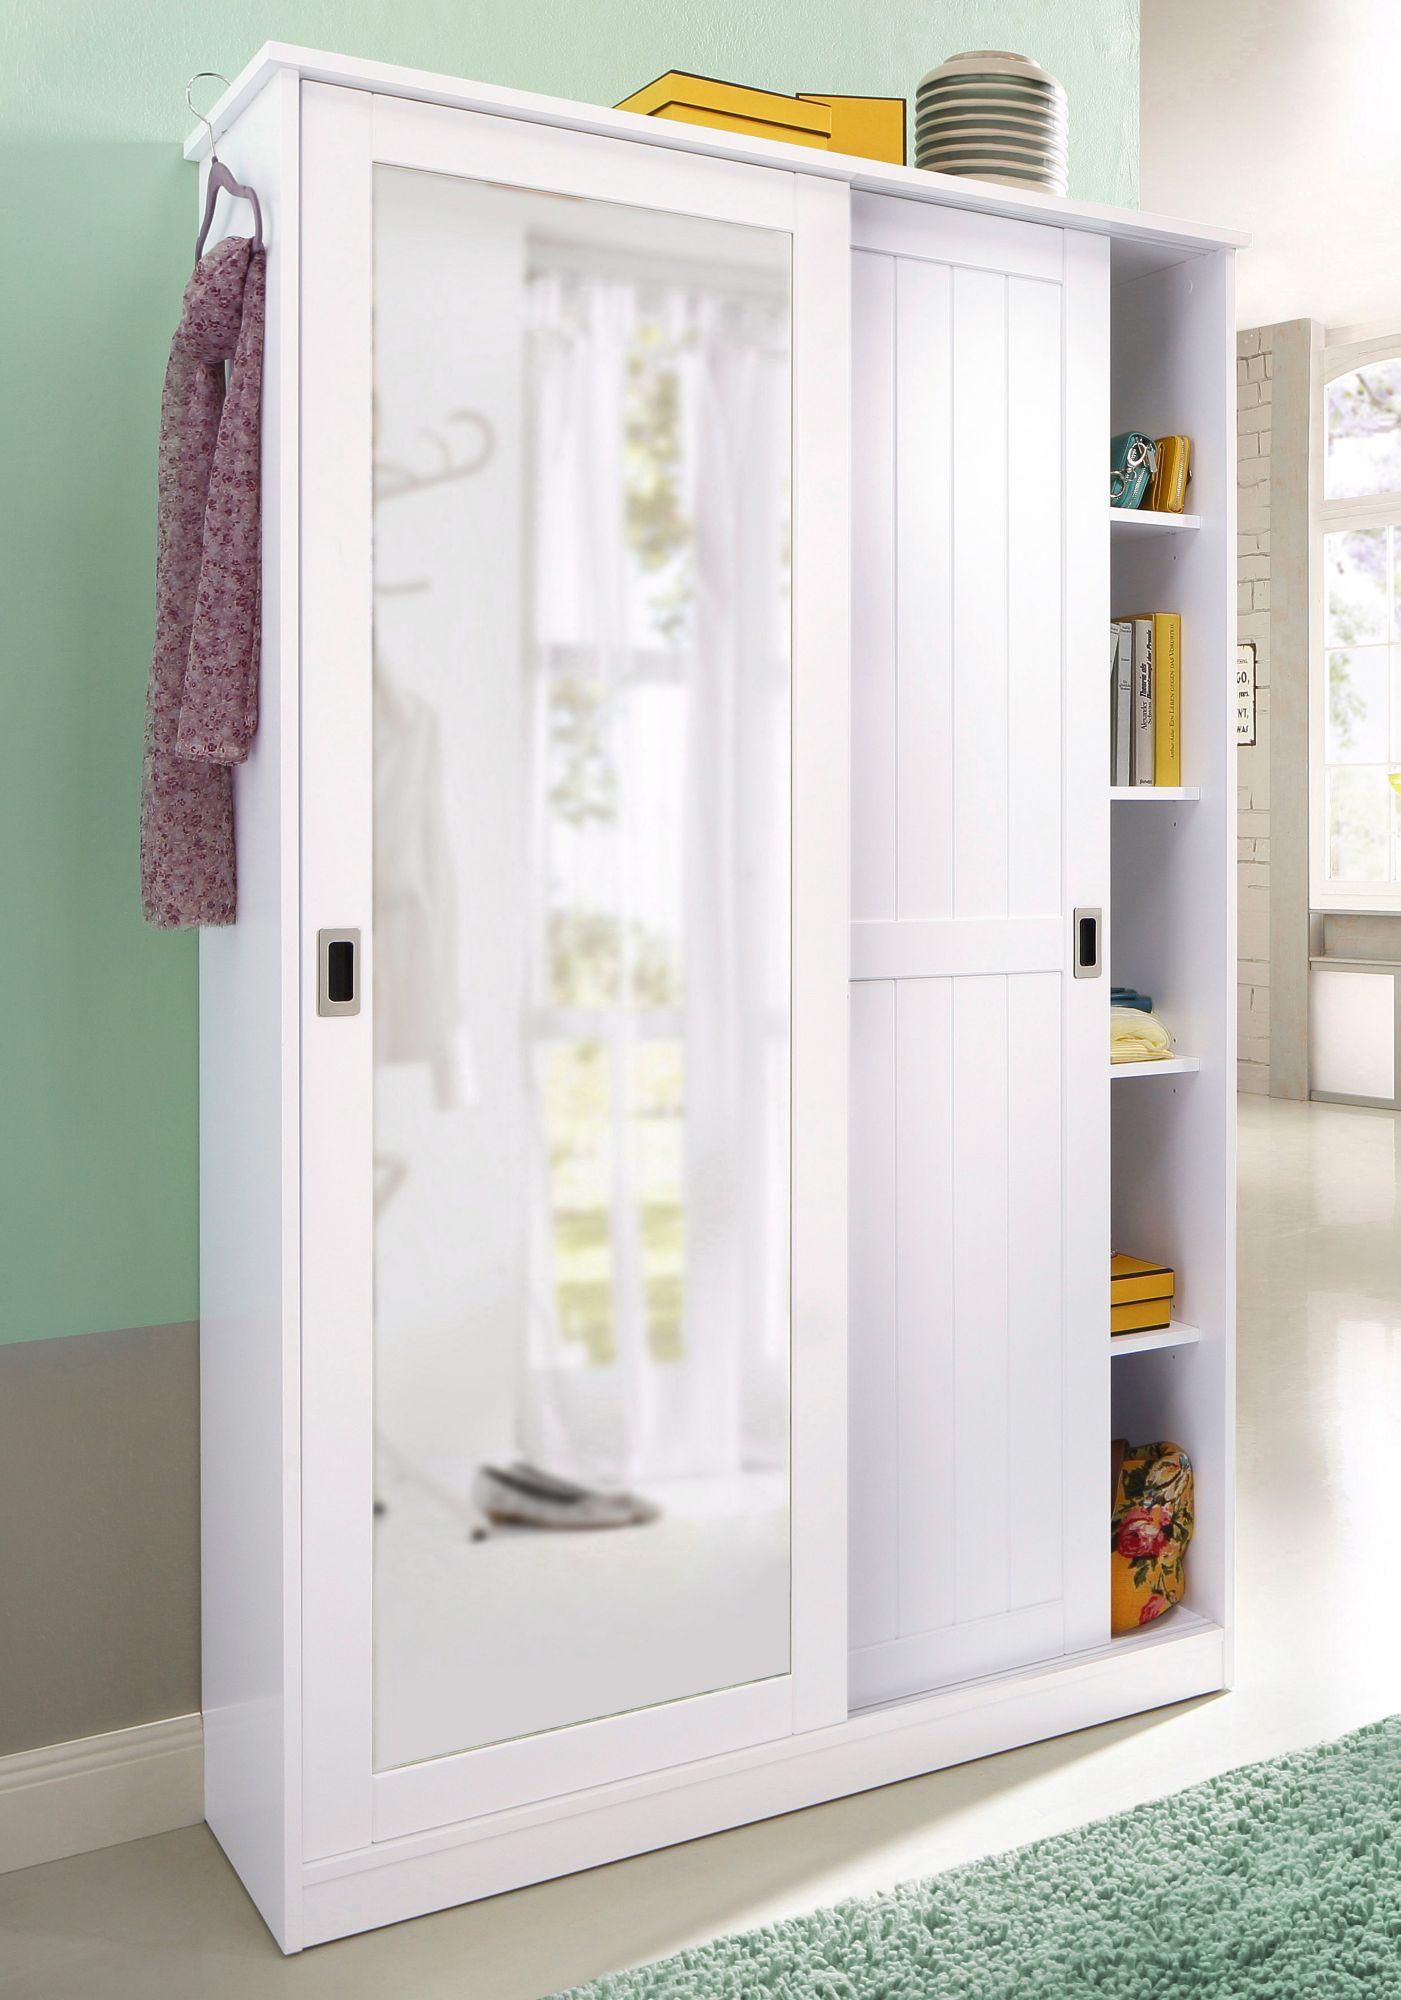 dielenschrank g nstig online kaufen beim schwab versand. Black Bedroom Furniture Sets. Home Design Ideas